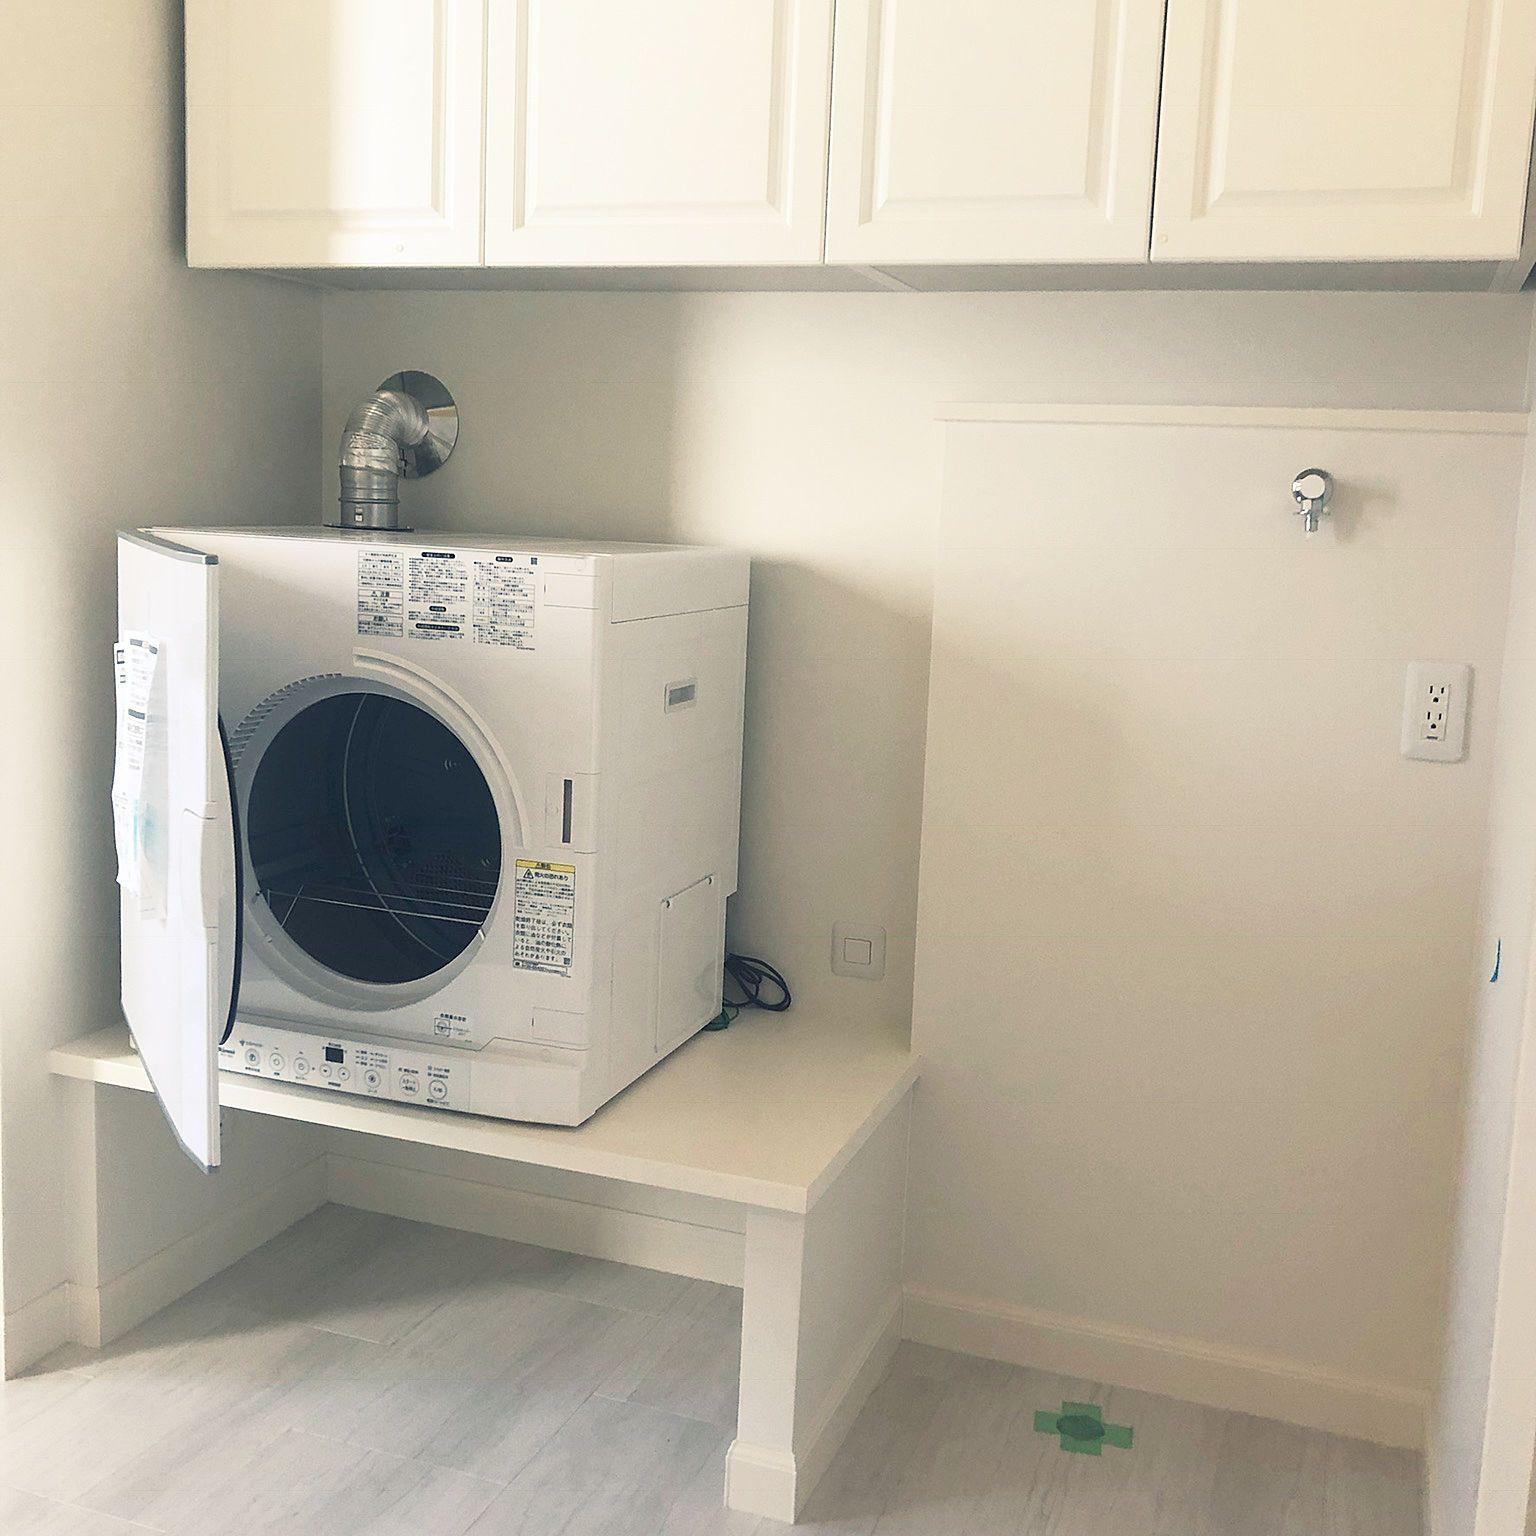 楽したい 2人暮らし 乾燥機 ランドリー収納 ランドリースペース など